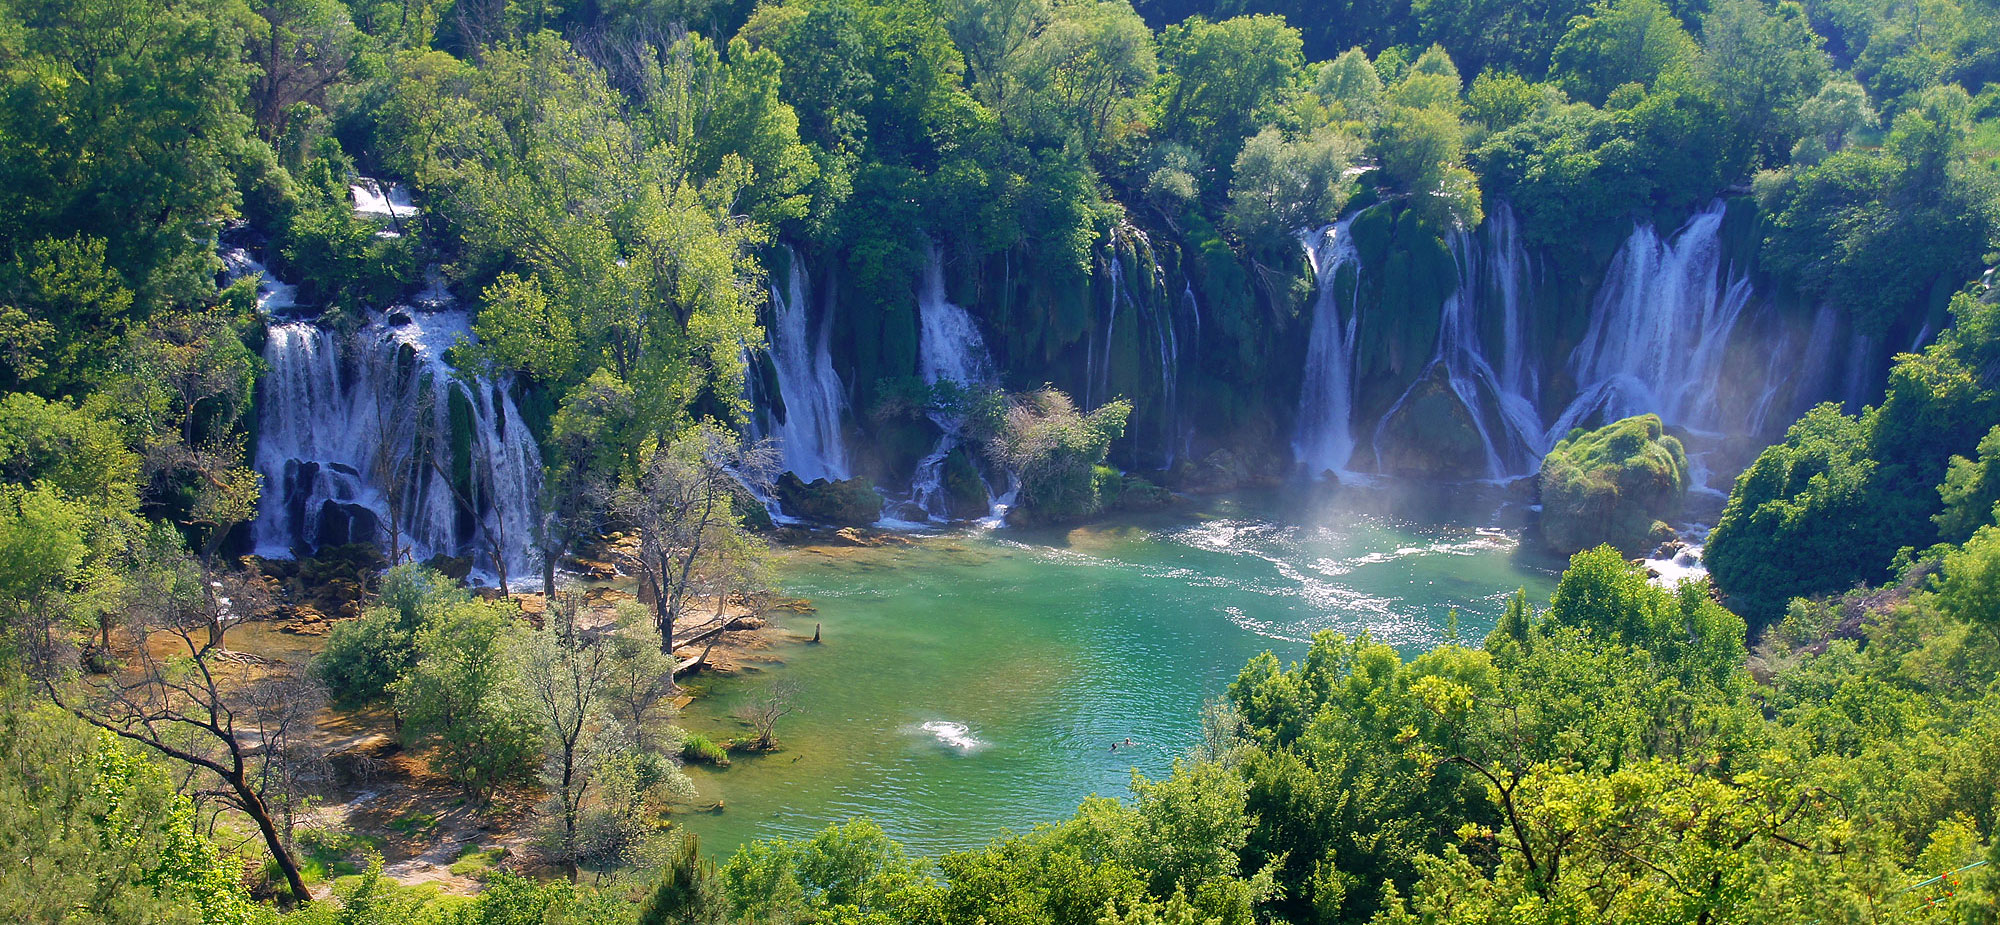 Wodospady Kravica – Bośnia i Hercegowina